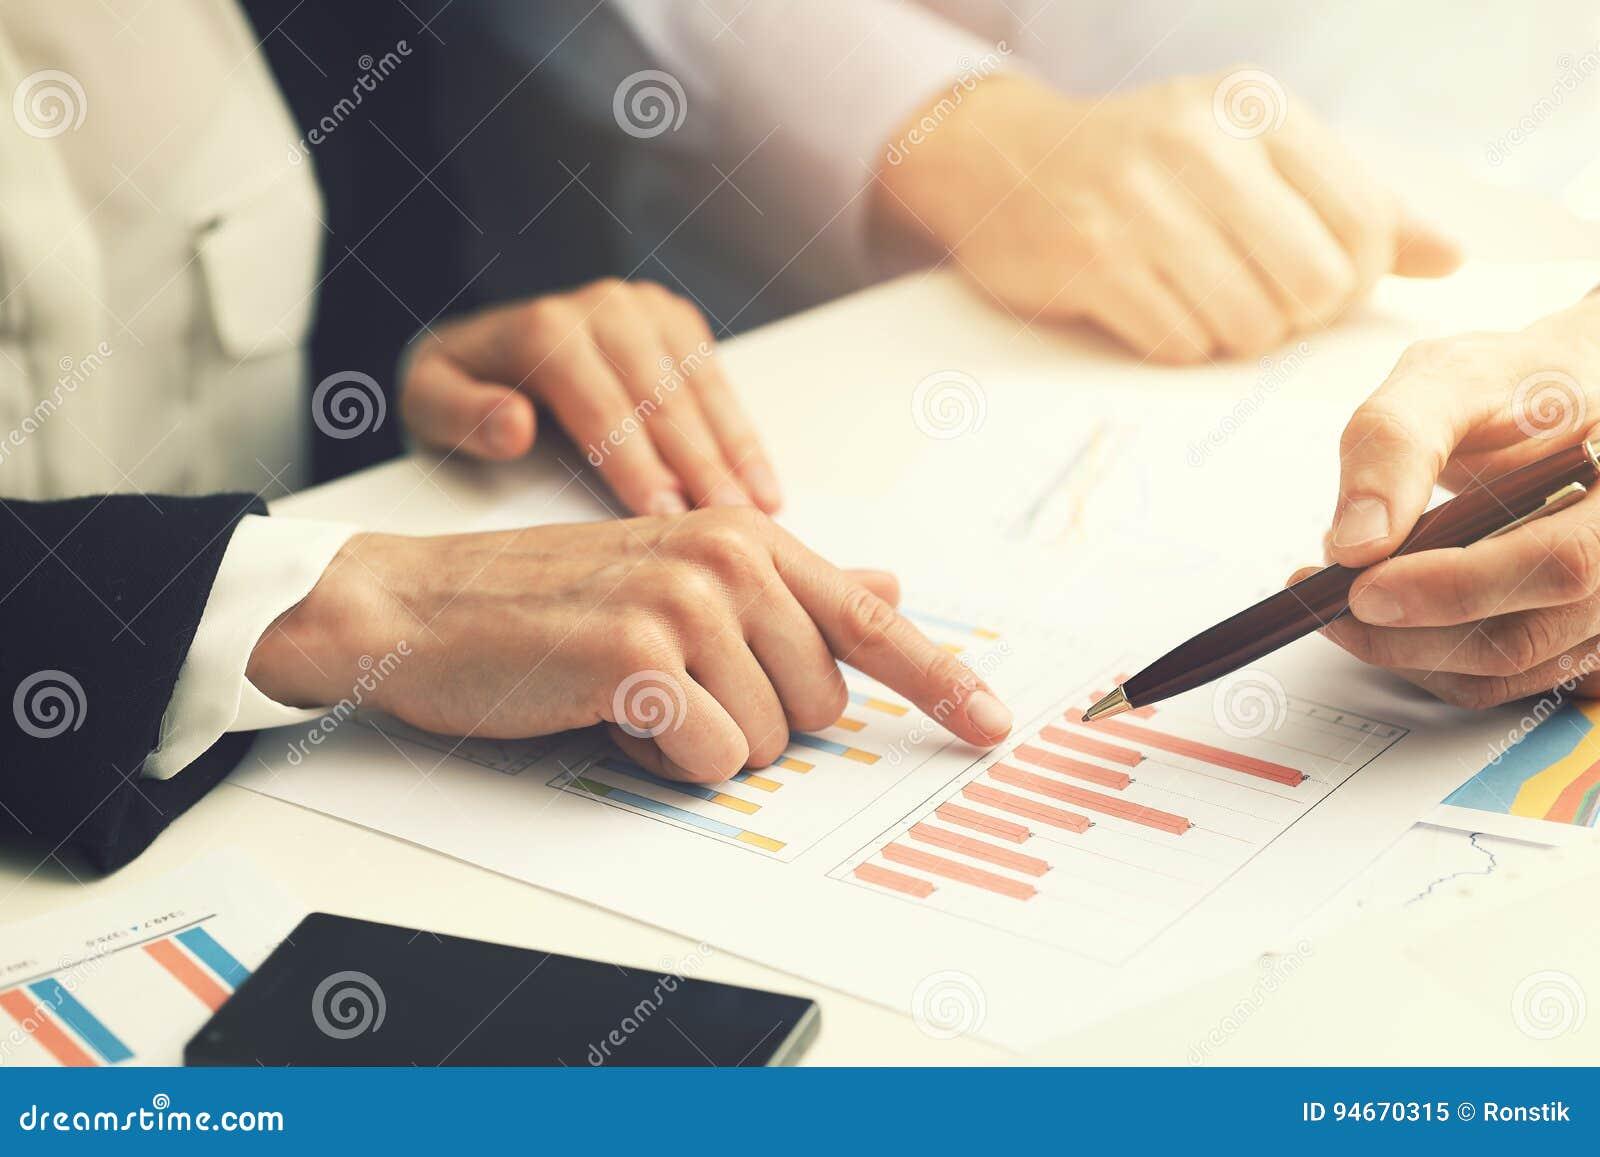 Bedrijfsmensen die met de analyse van financieel verslaggegevens werken